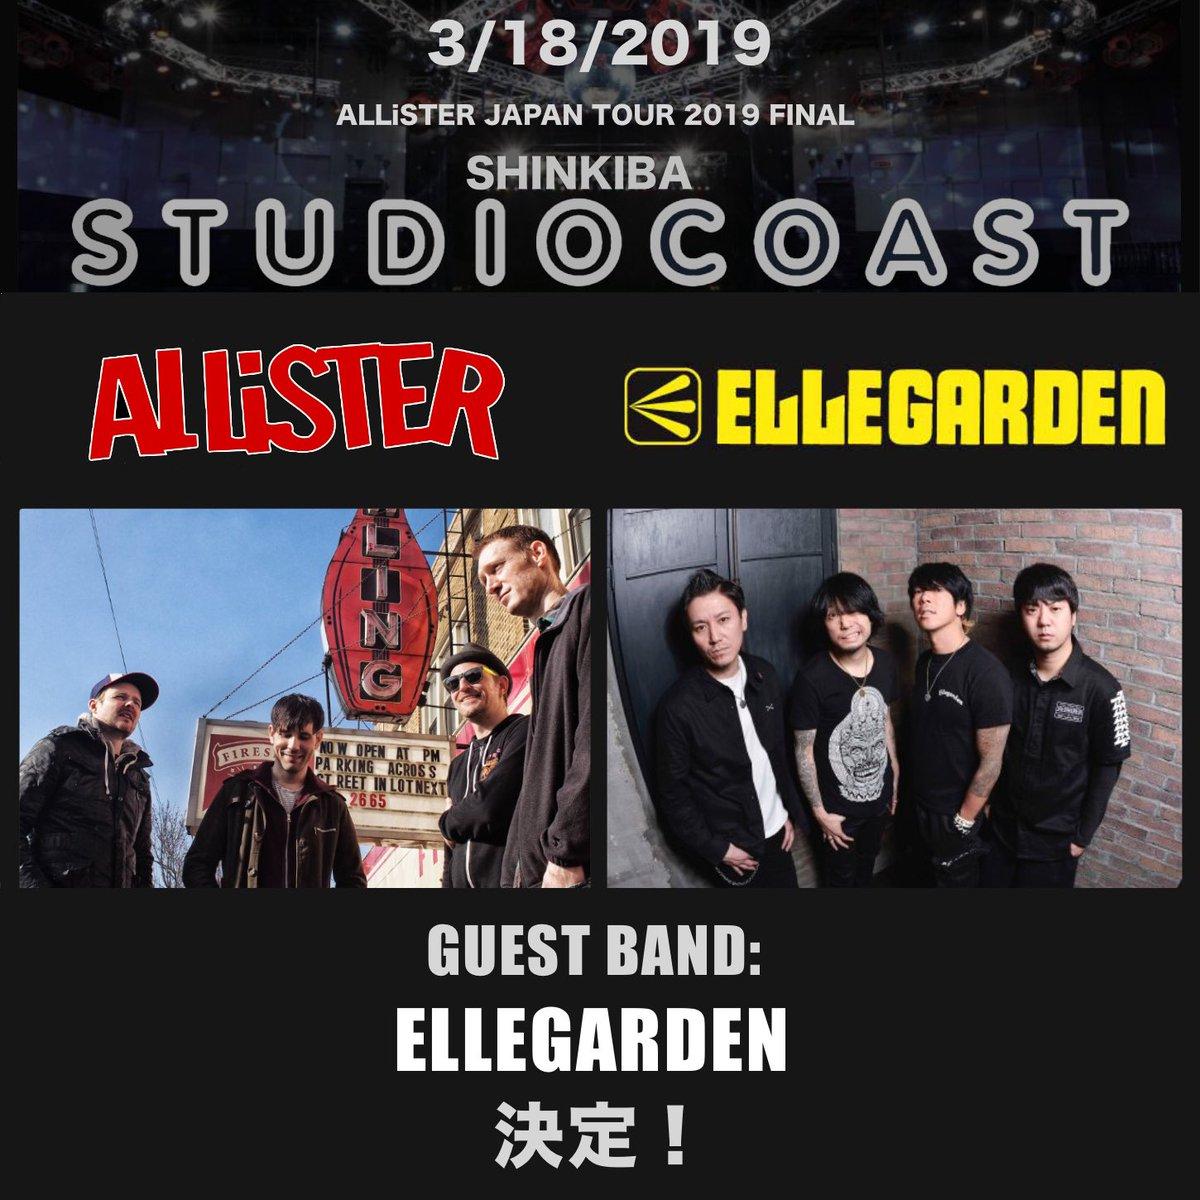 ALLiSTER JAPAN TOUR FINALの3月18日(月)新木場スタジオコーストのゲストバンド、 ELLEGARDENの出演が決定しました! 12年ぶりのアリスターとエルレの対バンはすごくすごく嬉しくて嬉しくて涙が出ちゃう。。 ツアー・ファイナル楽しもうぜー!! ellegarden.jp